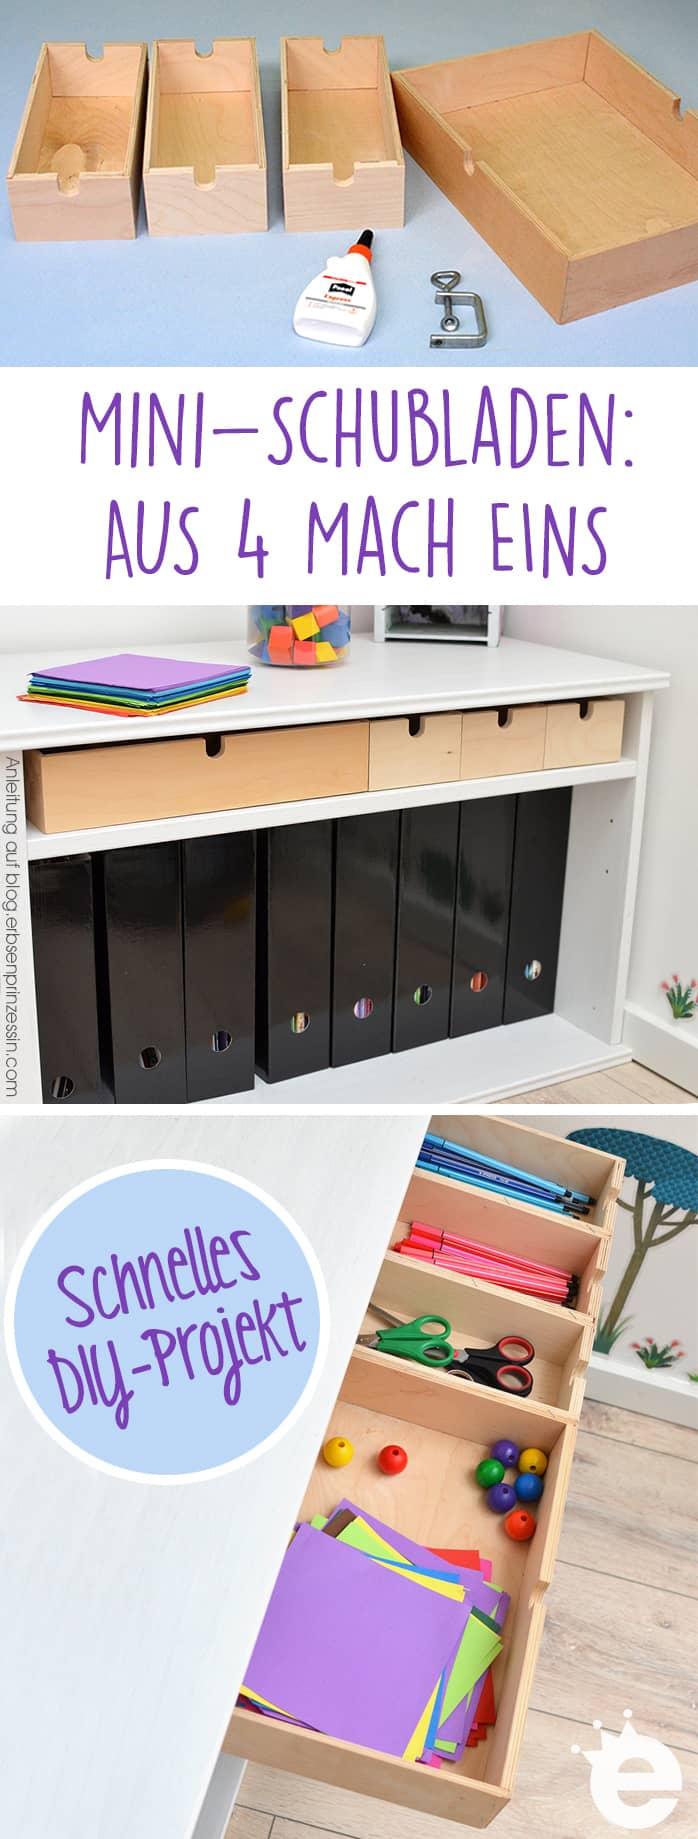 Mini-Schubladen: Aus 4 mach eins. DIY-Anleitung für einen Schubkasten mit Sortierfächern